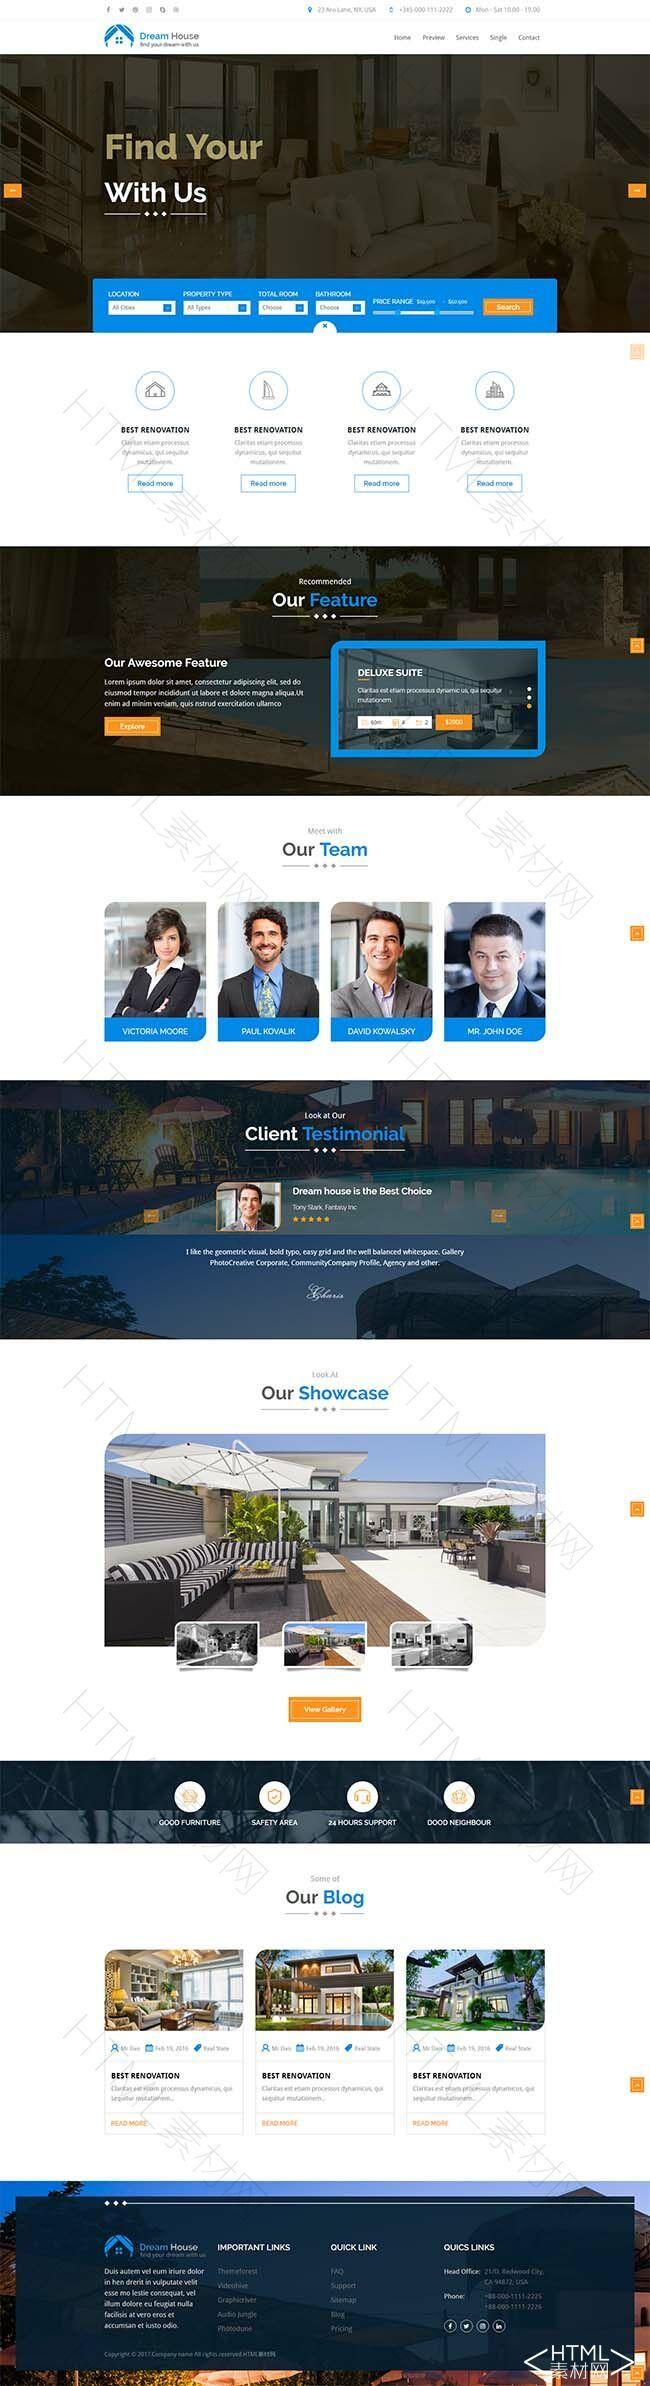 蓝色页面齐全的房地产功能内容丰富响应式模板.jpg